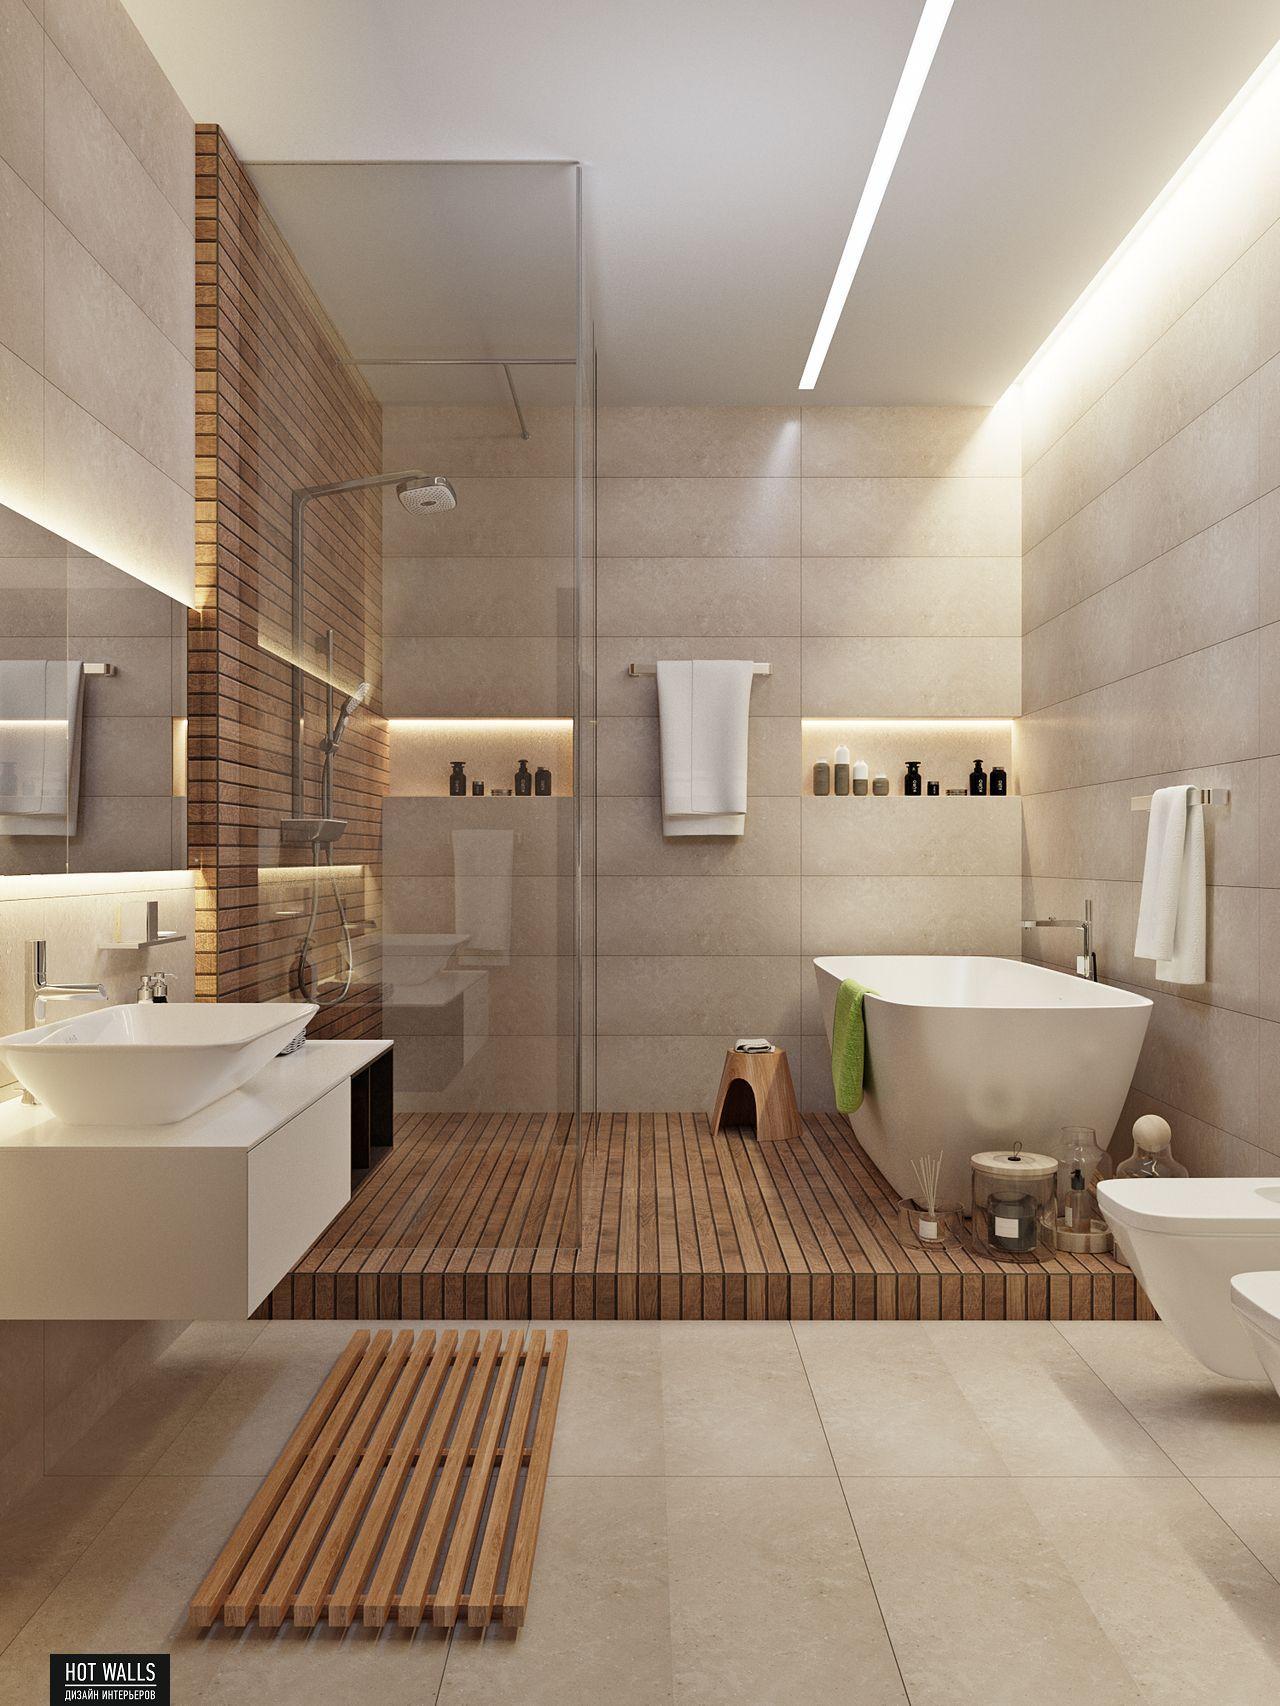 Vanite Salle De Bain Ciot ~ vannaya_01_03_16_2 salle de bains pinterest salle de bains